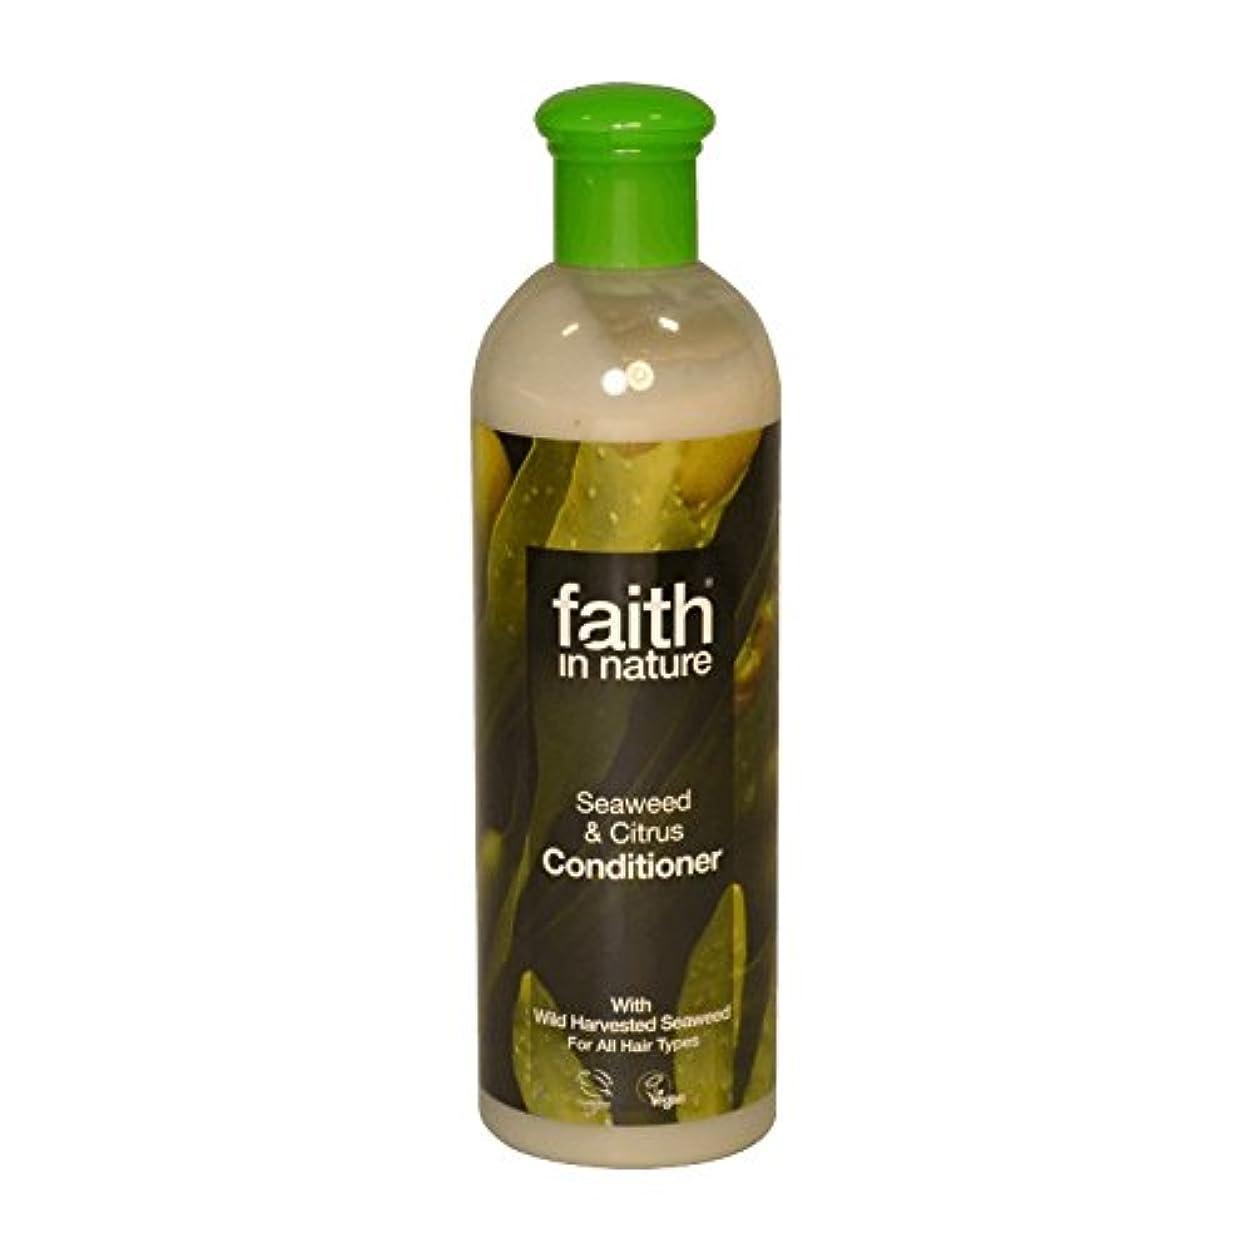 違うシンク指自然の海藻&シトラスコンディショナー400ミリリットルの信仰 - Faith in Nature Seaweed & Citrus Conditioner 400ml (Faith in Nature) [並行輸入品]